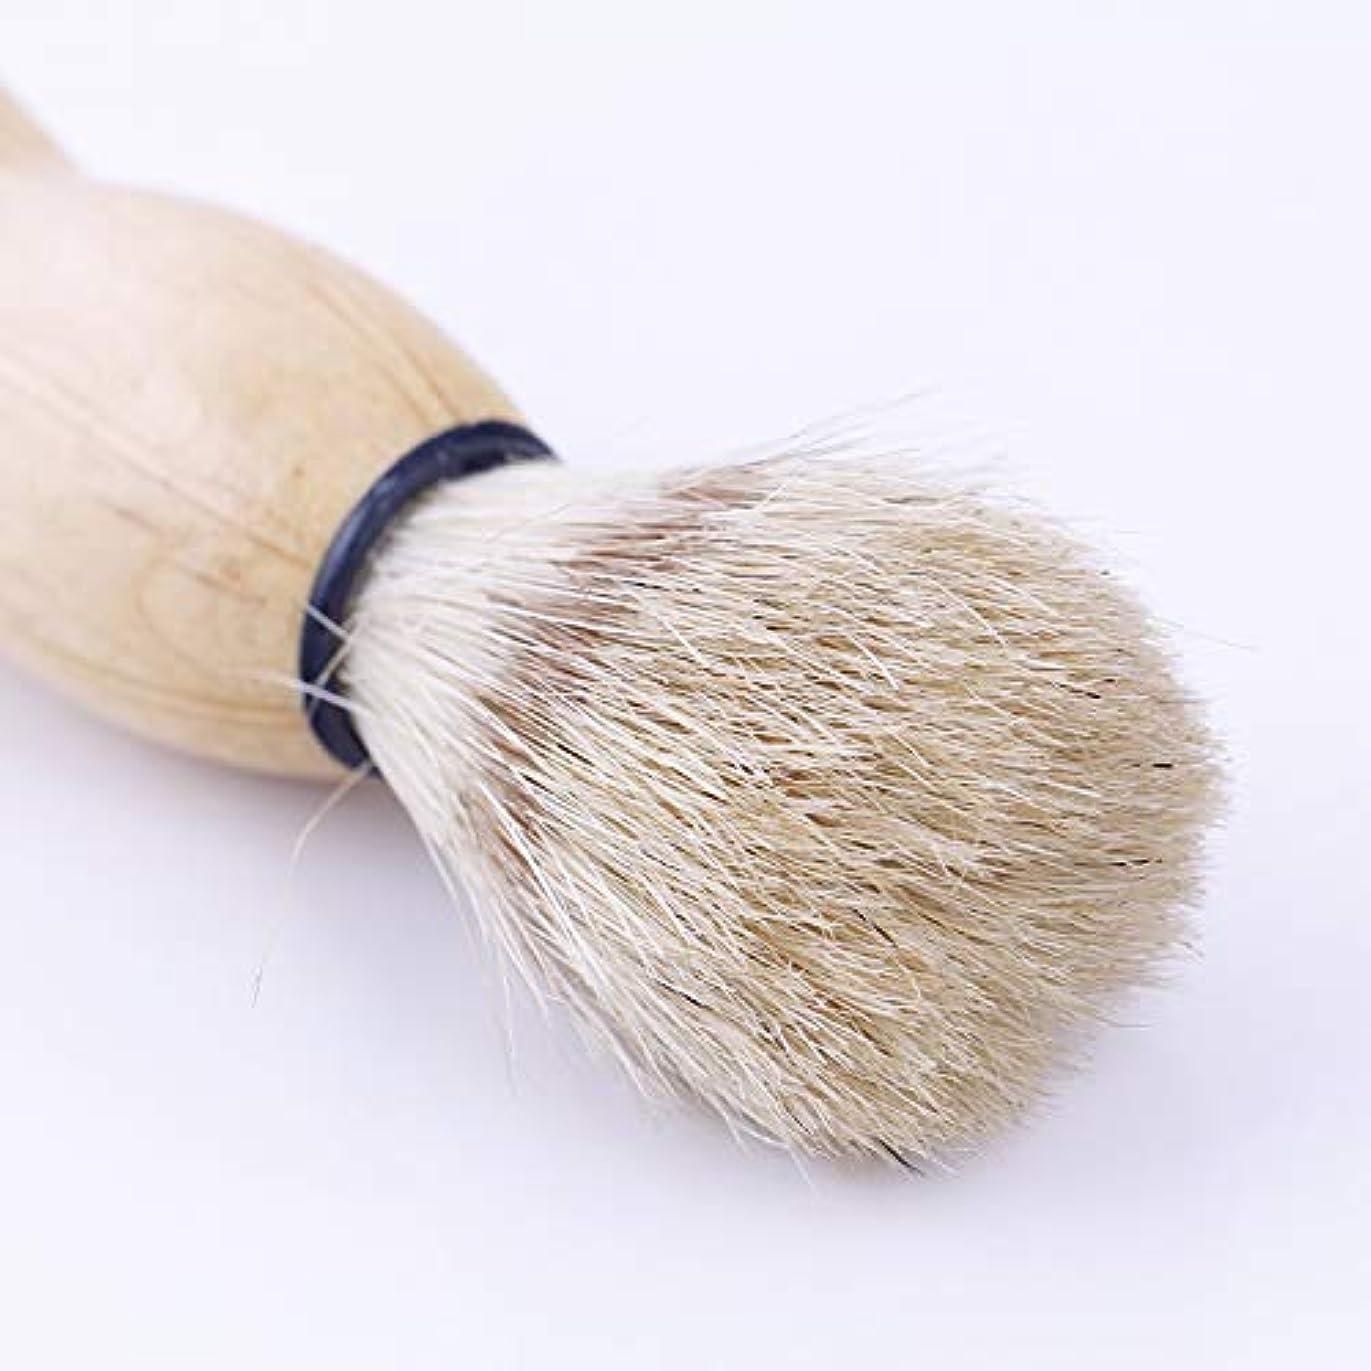 神秘的な十分です標高SMTHOME シェービング用ブラシ メンズ 100% ウール毛 理容 洗顔 髭剃り 泡立ち